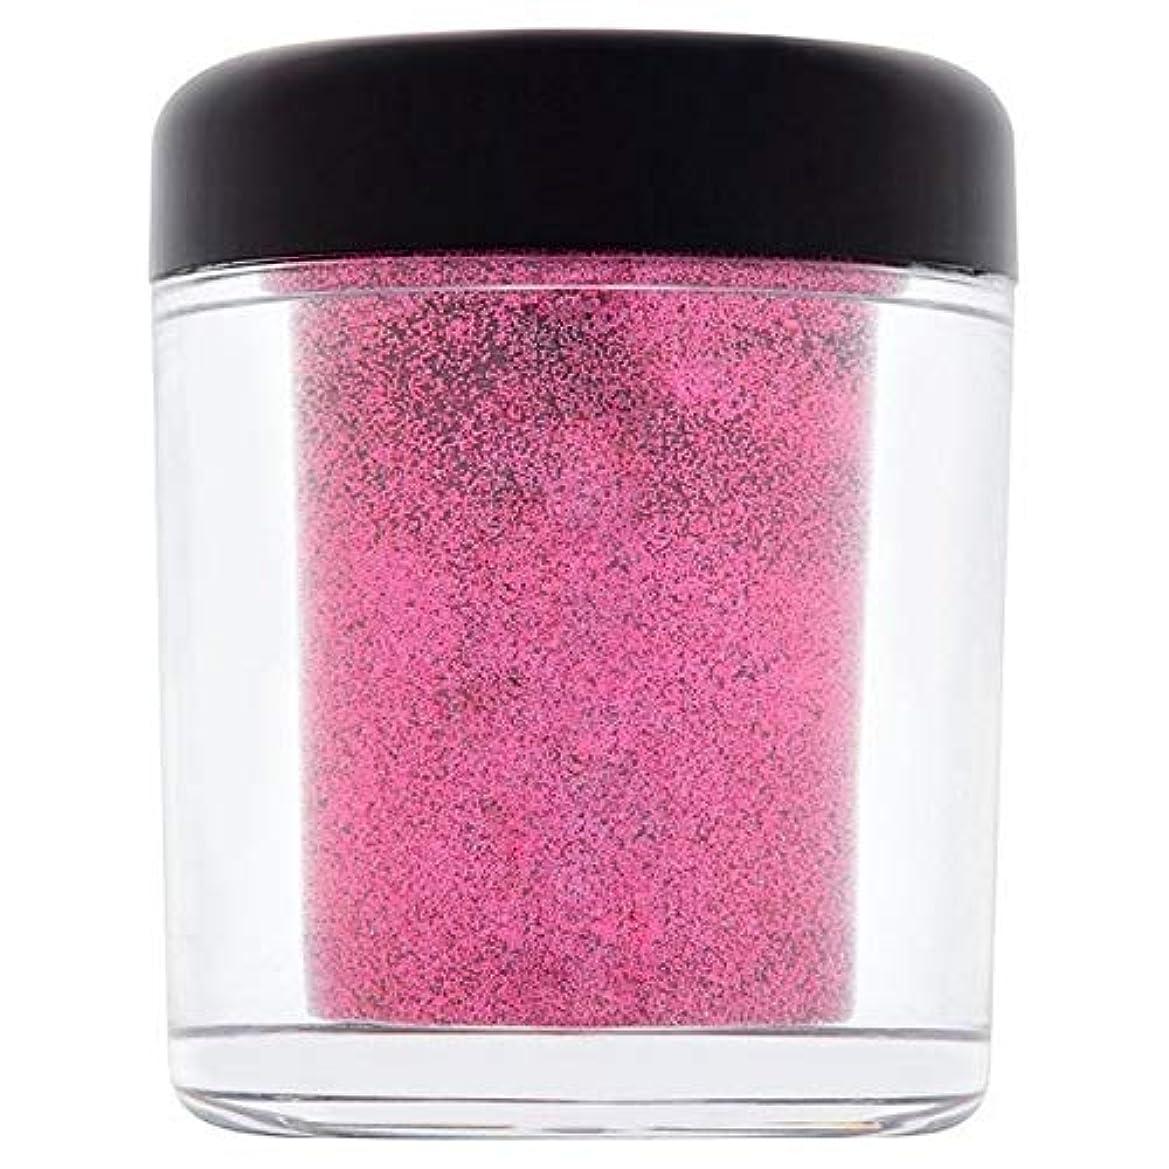 トロピカルアンドリューハリディ望み[Collection ] 収集グラムの結晶フェイス&ボディグリッター誘惑4 - Collection Glam Crystals Face & Body Glitter Temptation 4 [並行輸入品]